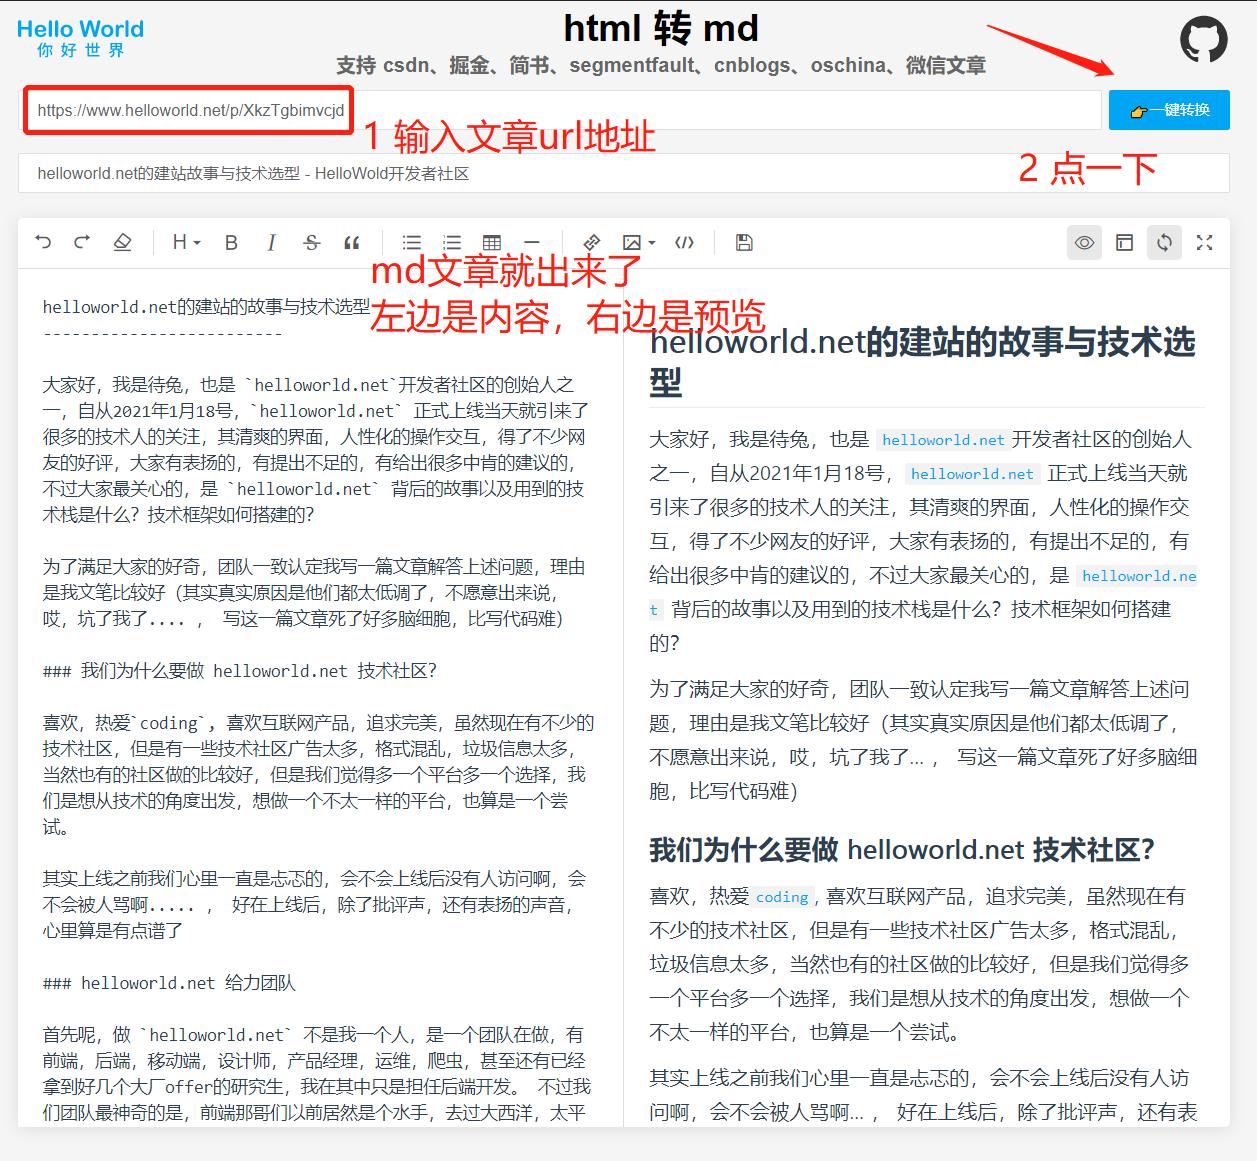 一个免费的开源的html转markdown语法的工具